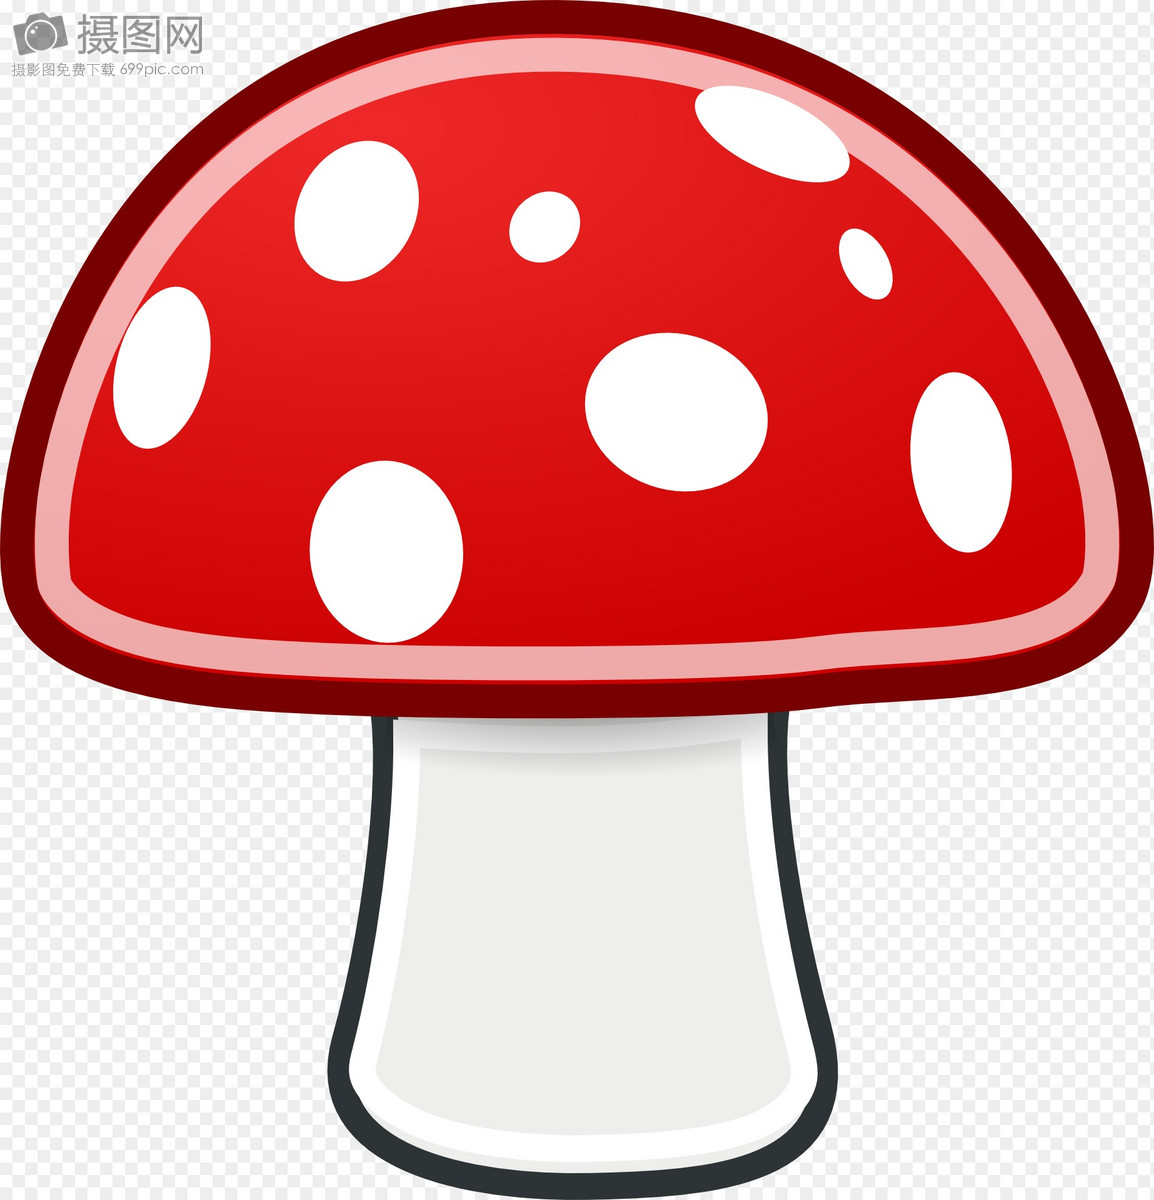 卡通可爱红色小蘑菇